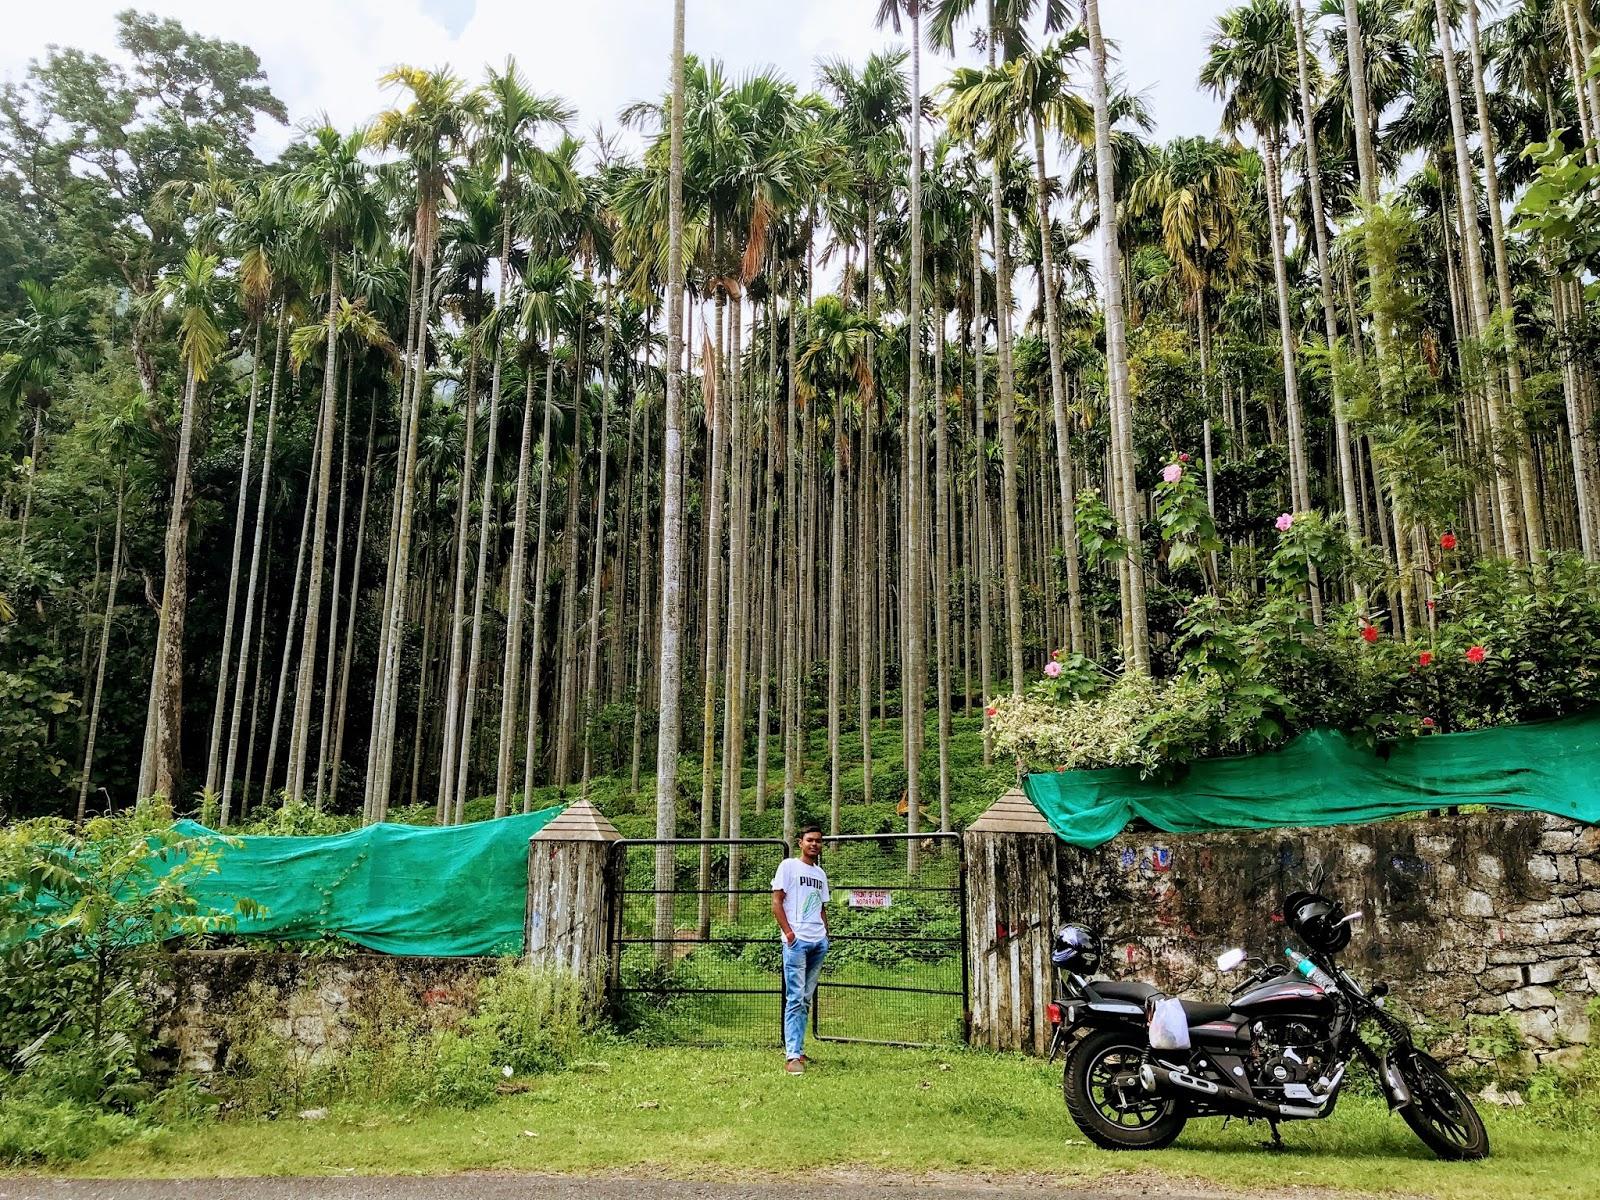 Betel Nut trees